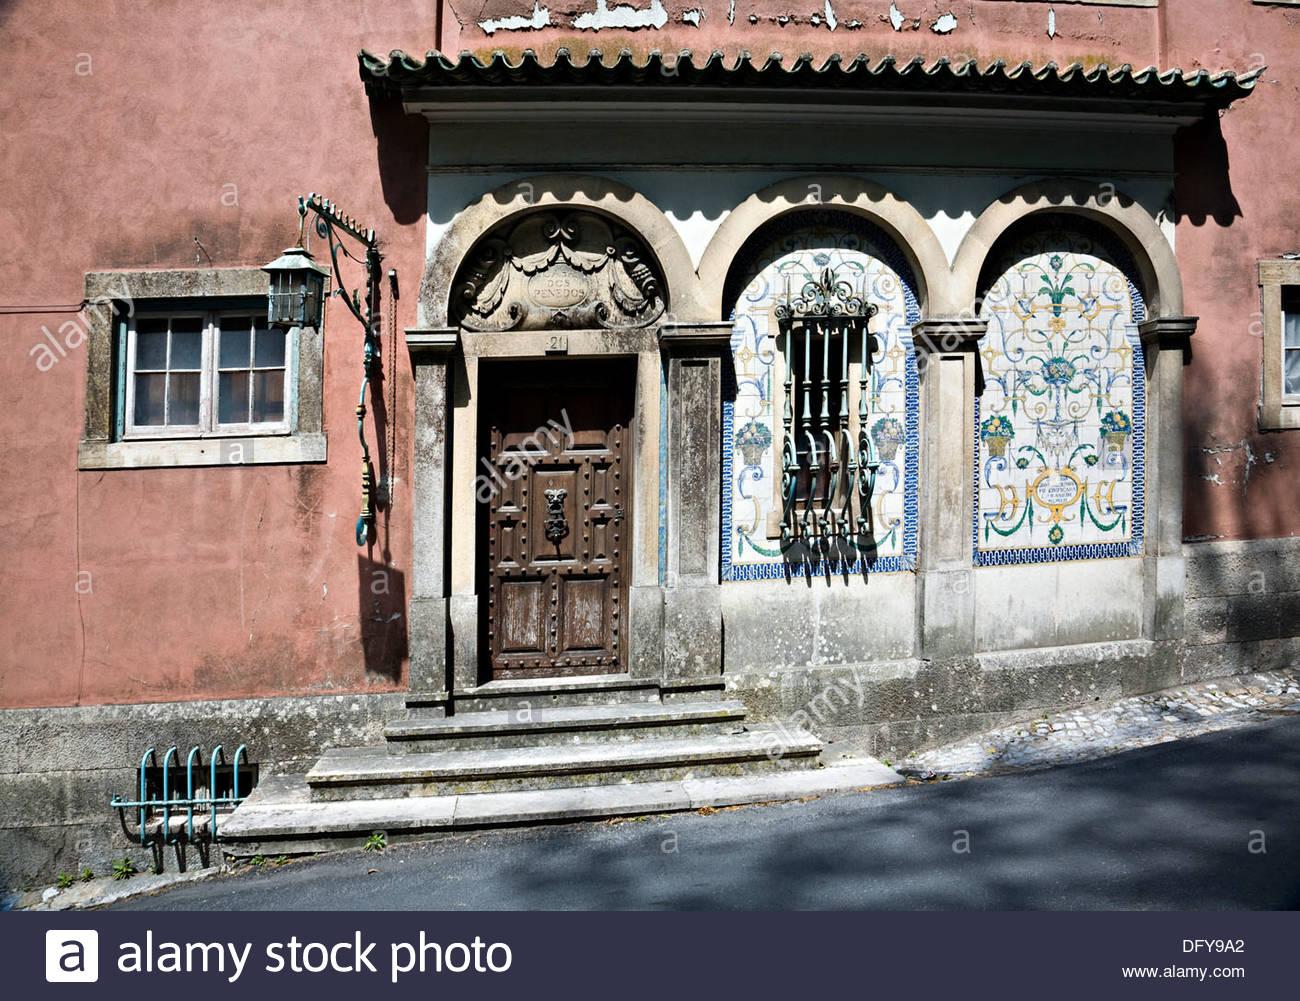 Dekorative Fliesen Auf Alten Hausfassade Mit Schweren Hölzernen Tür Und  Fenster Mit Gitterstäben, Sintra, Portugal